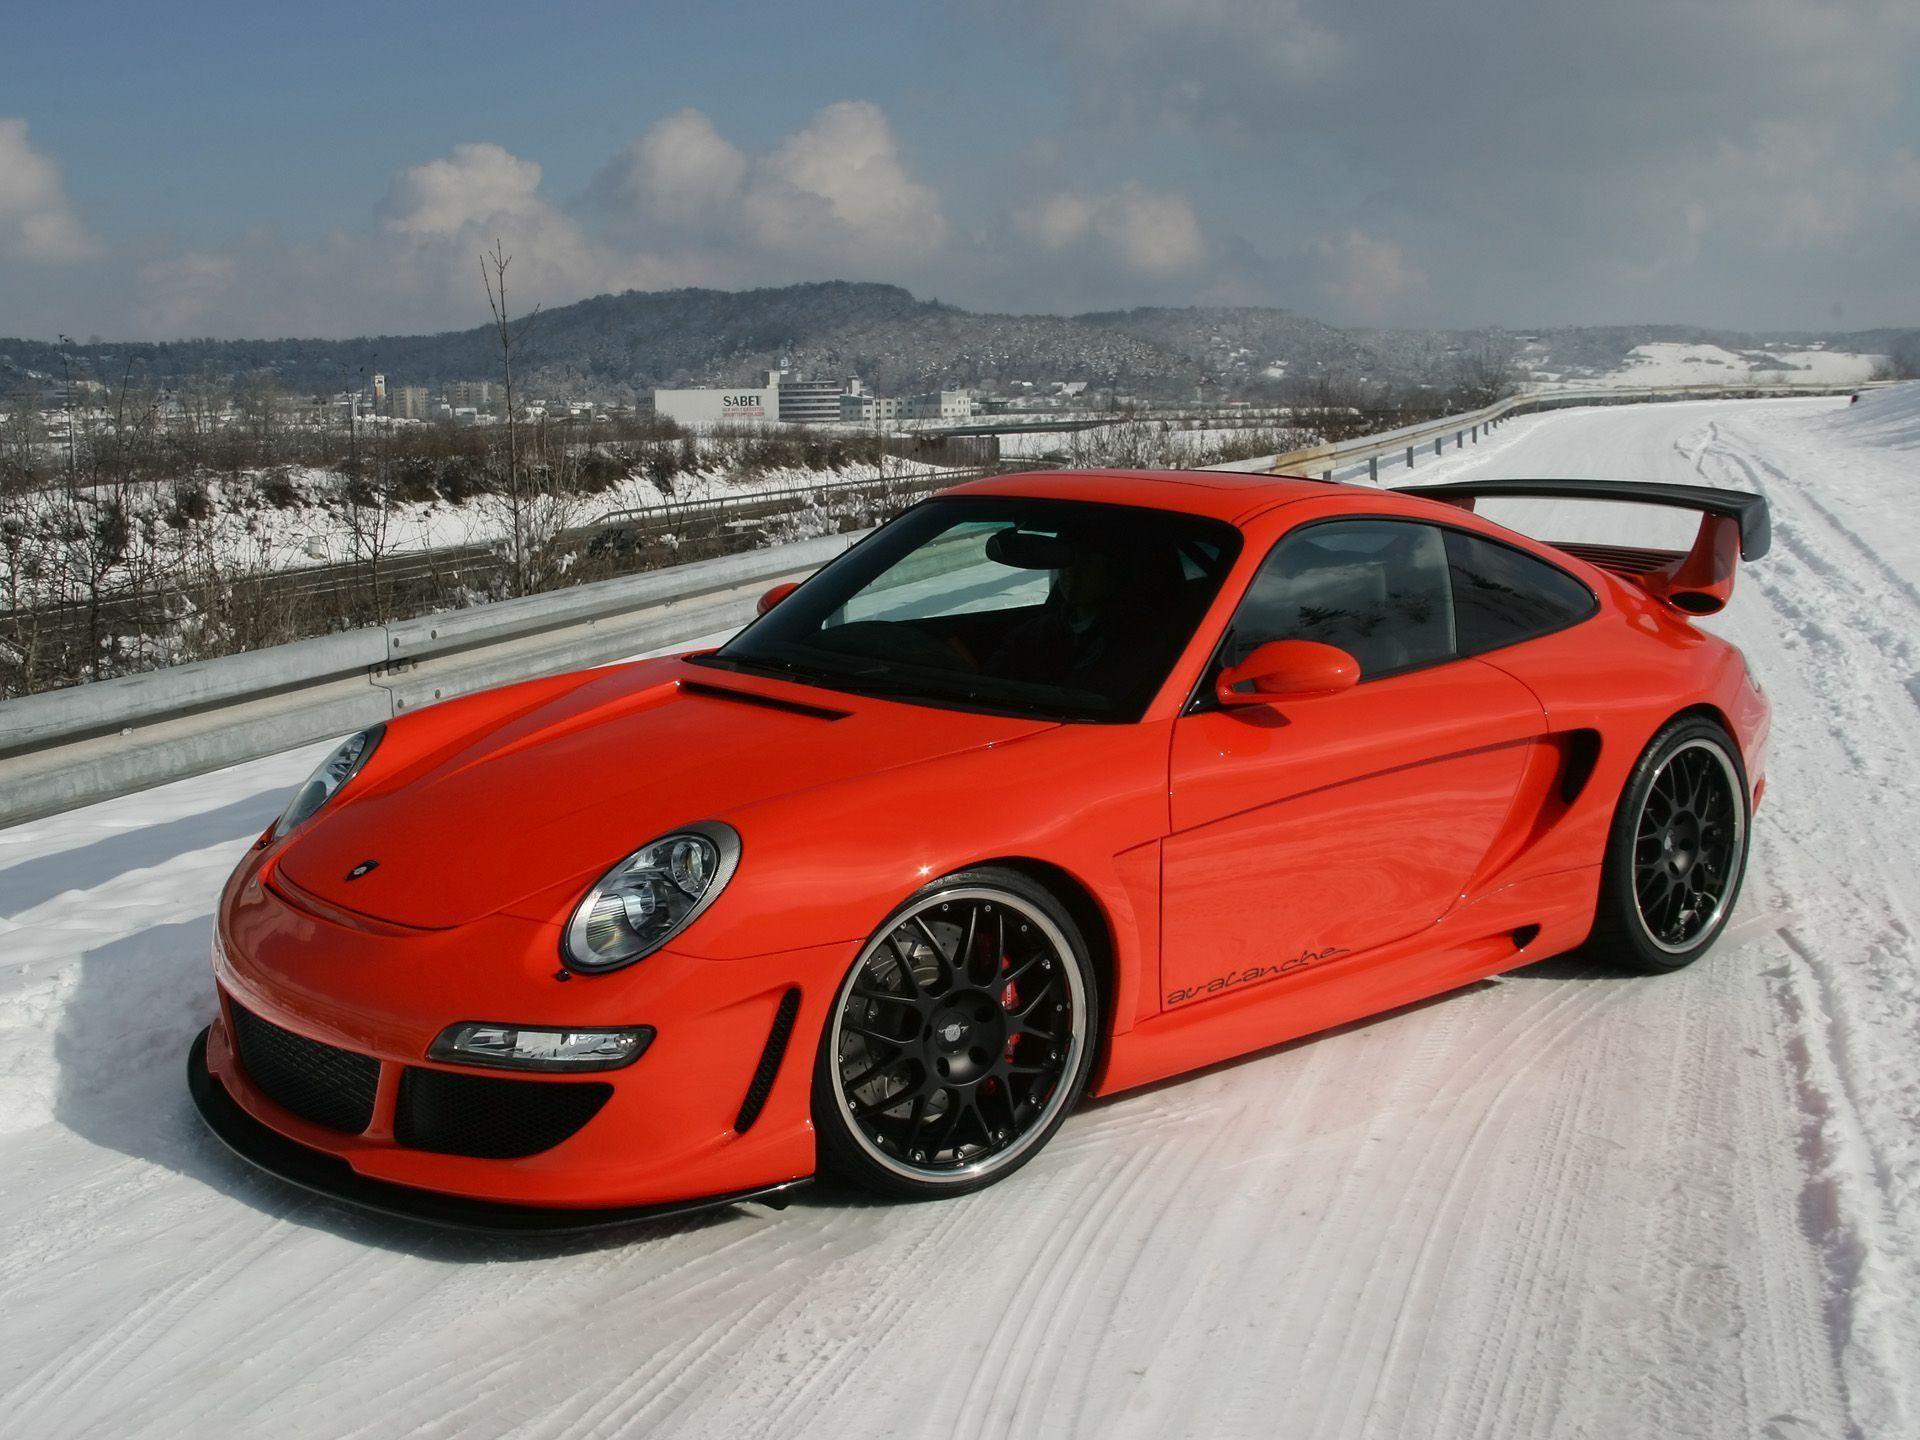 Porsche Car Full Hd Wallpapers Free Download 32 Www Urdunewtrend Porsche Porsche Cars Sports Cars Luxury Sports Car